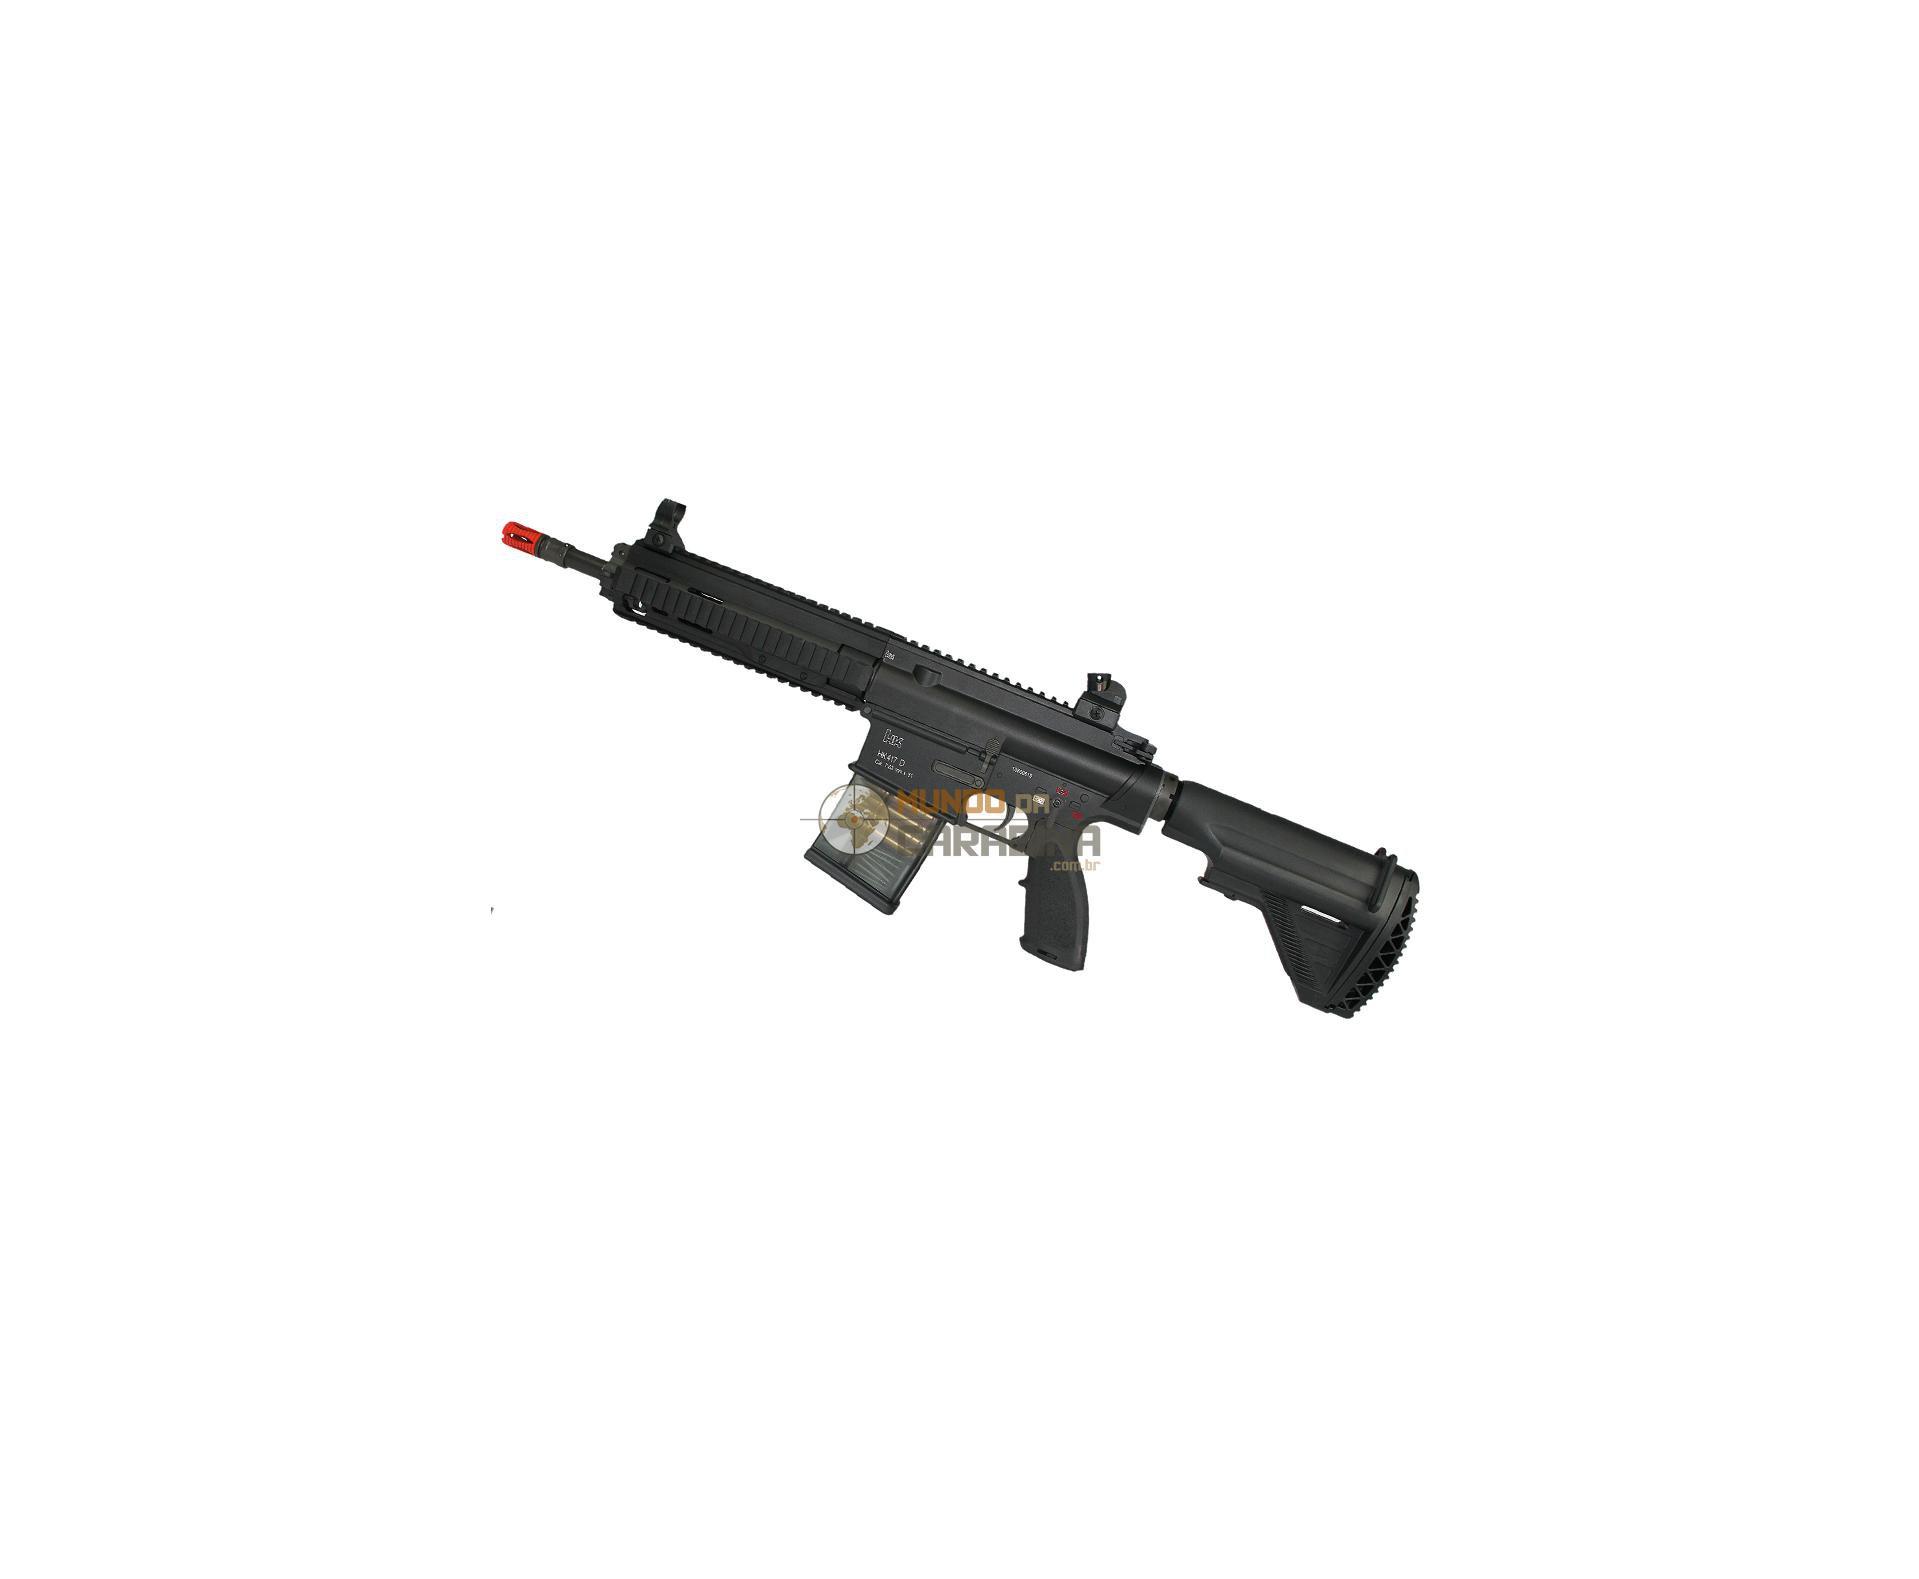 Rifle De Airsoft Hk 417d Aeg Full Metal 6mm - Hk Vfc